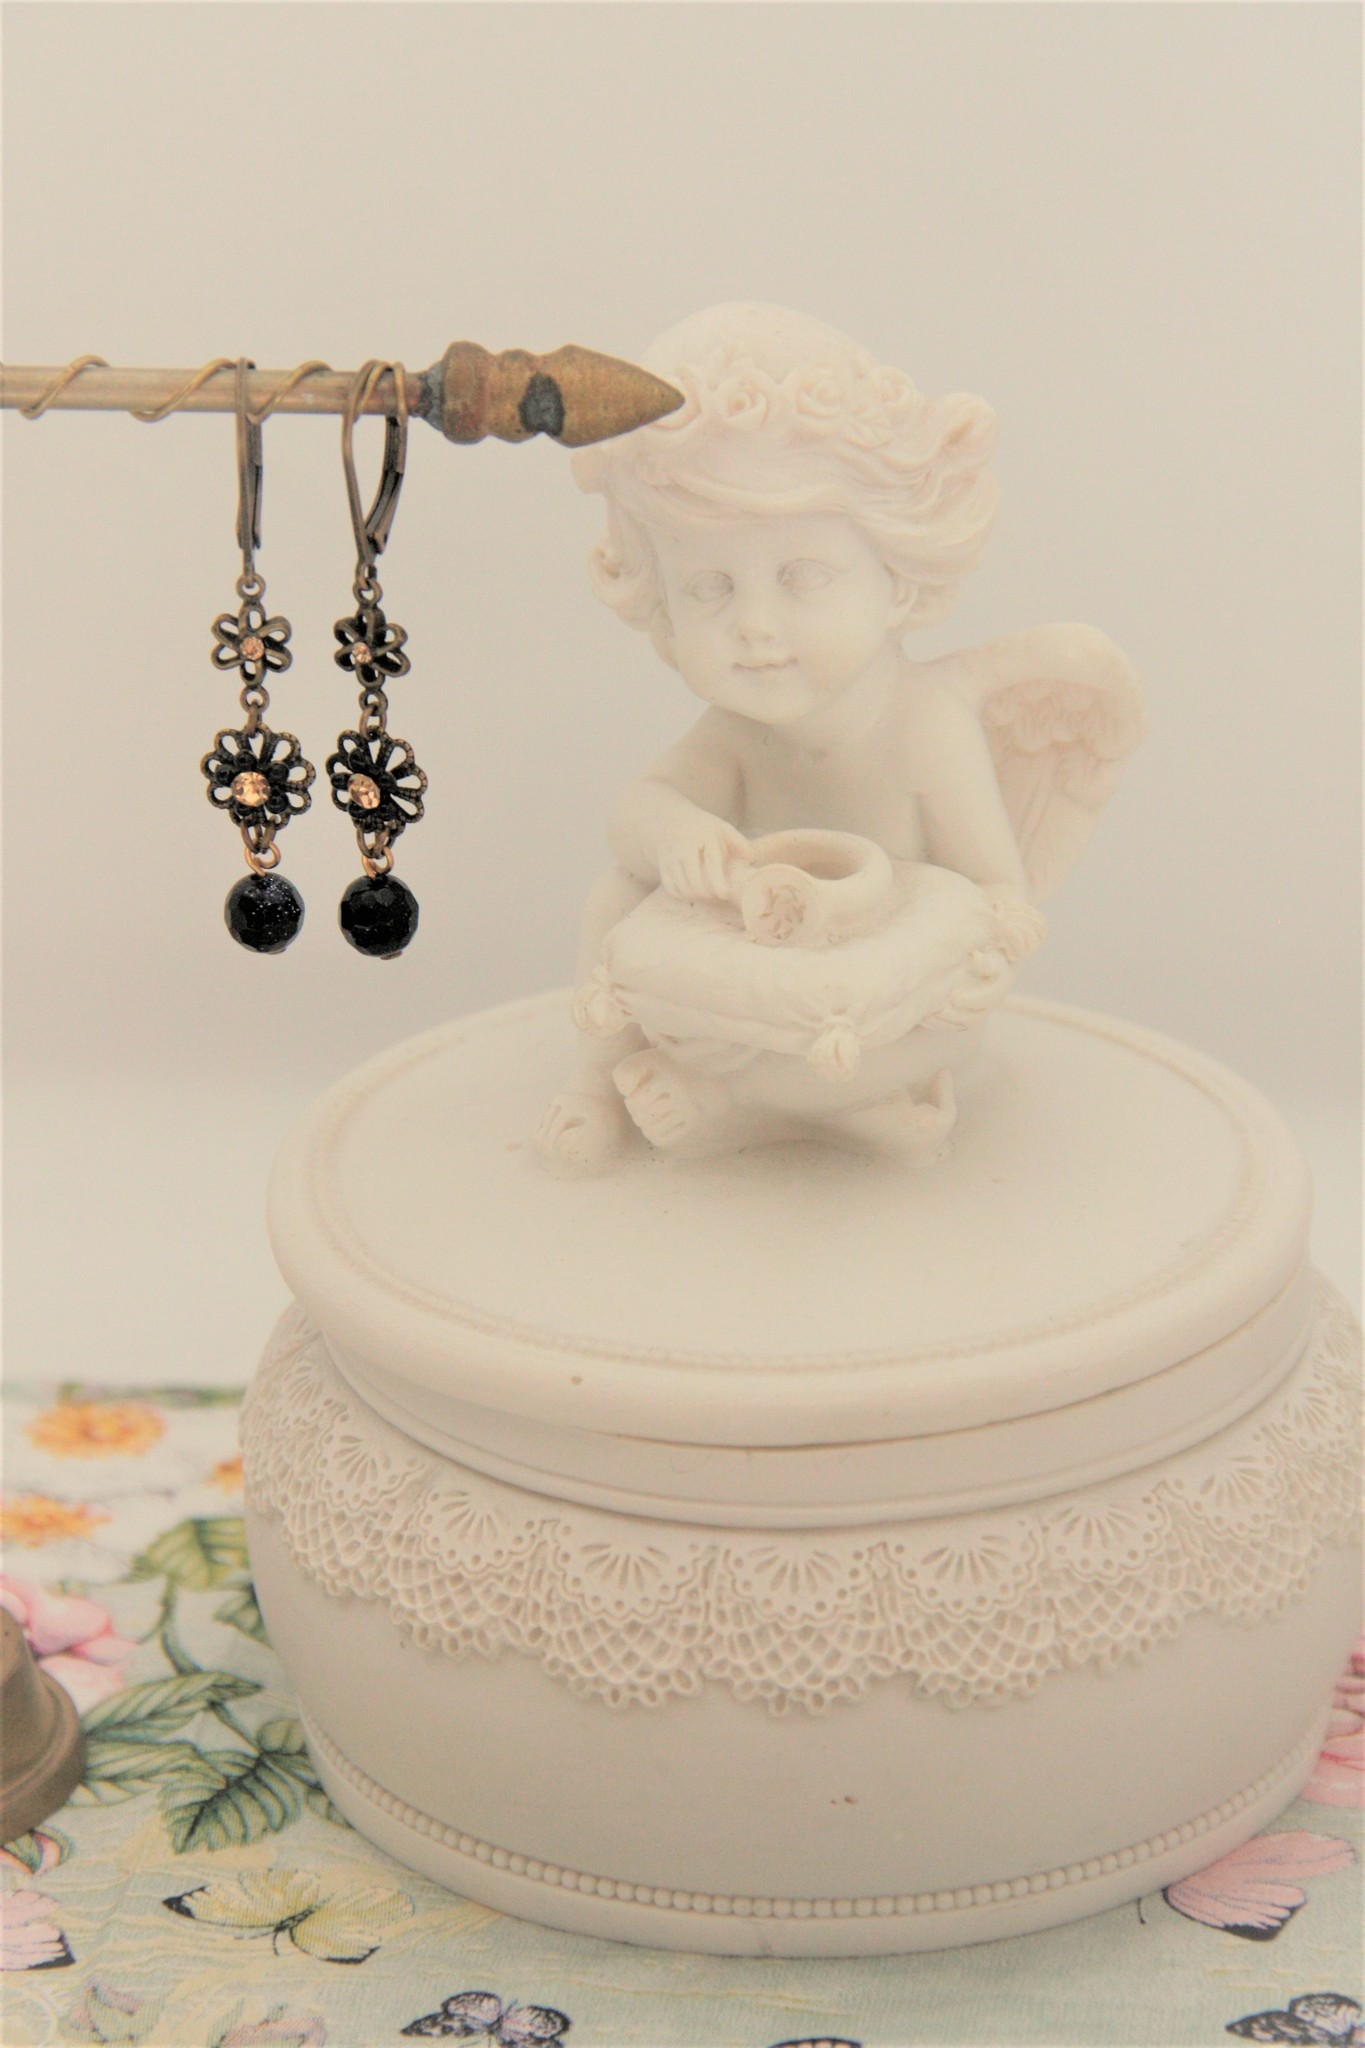 Eric & Lydie Flower earrings by Eric & Lydie